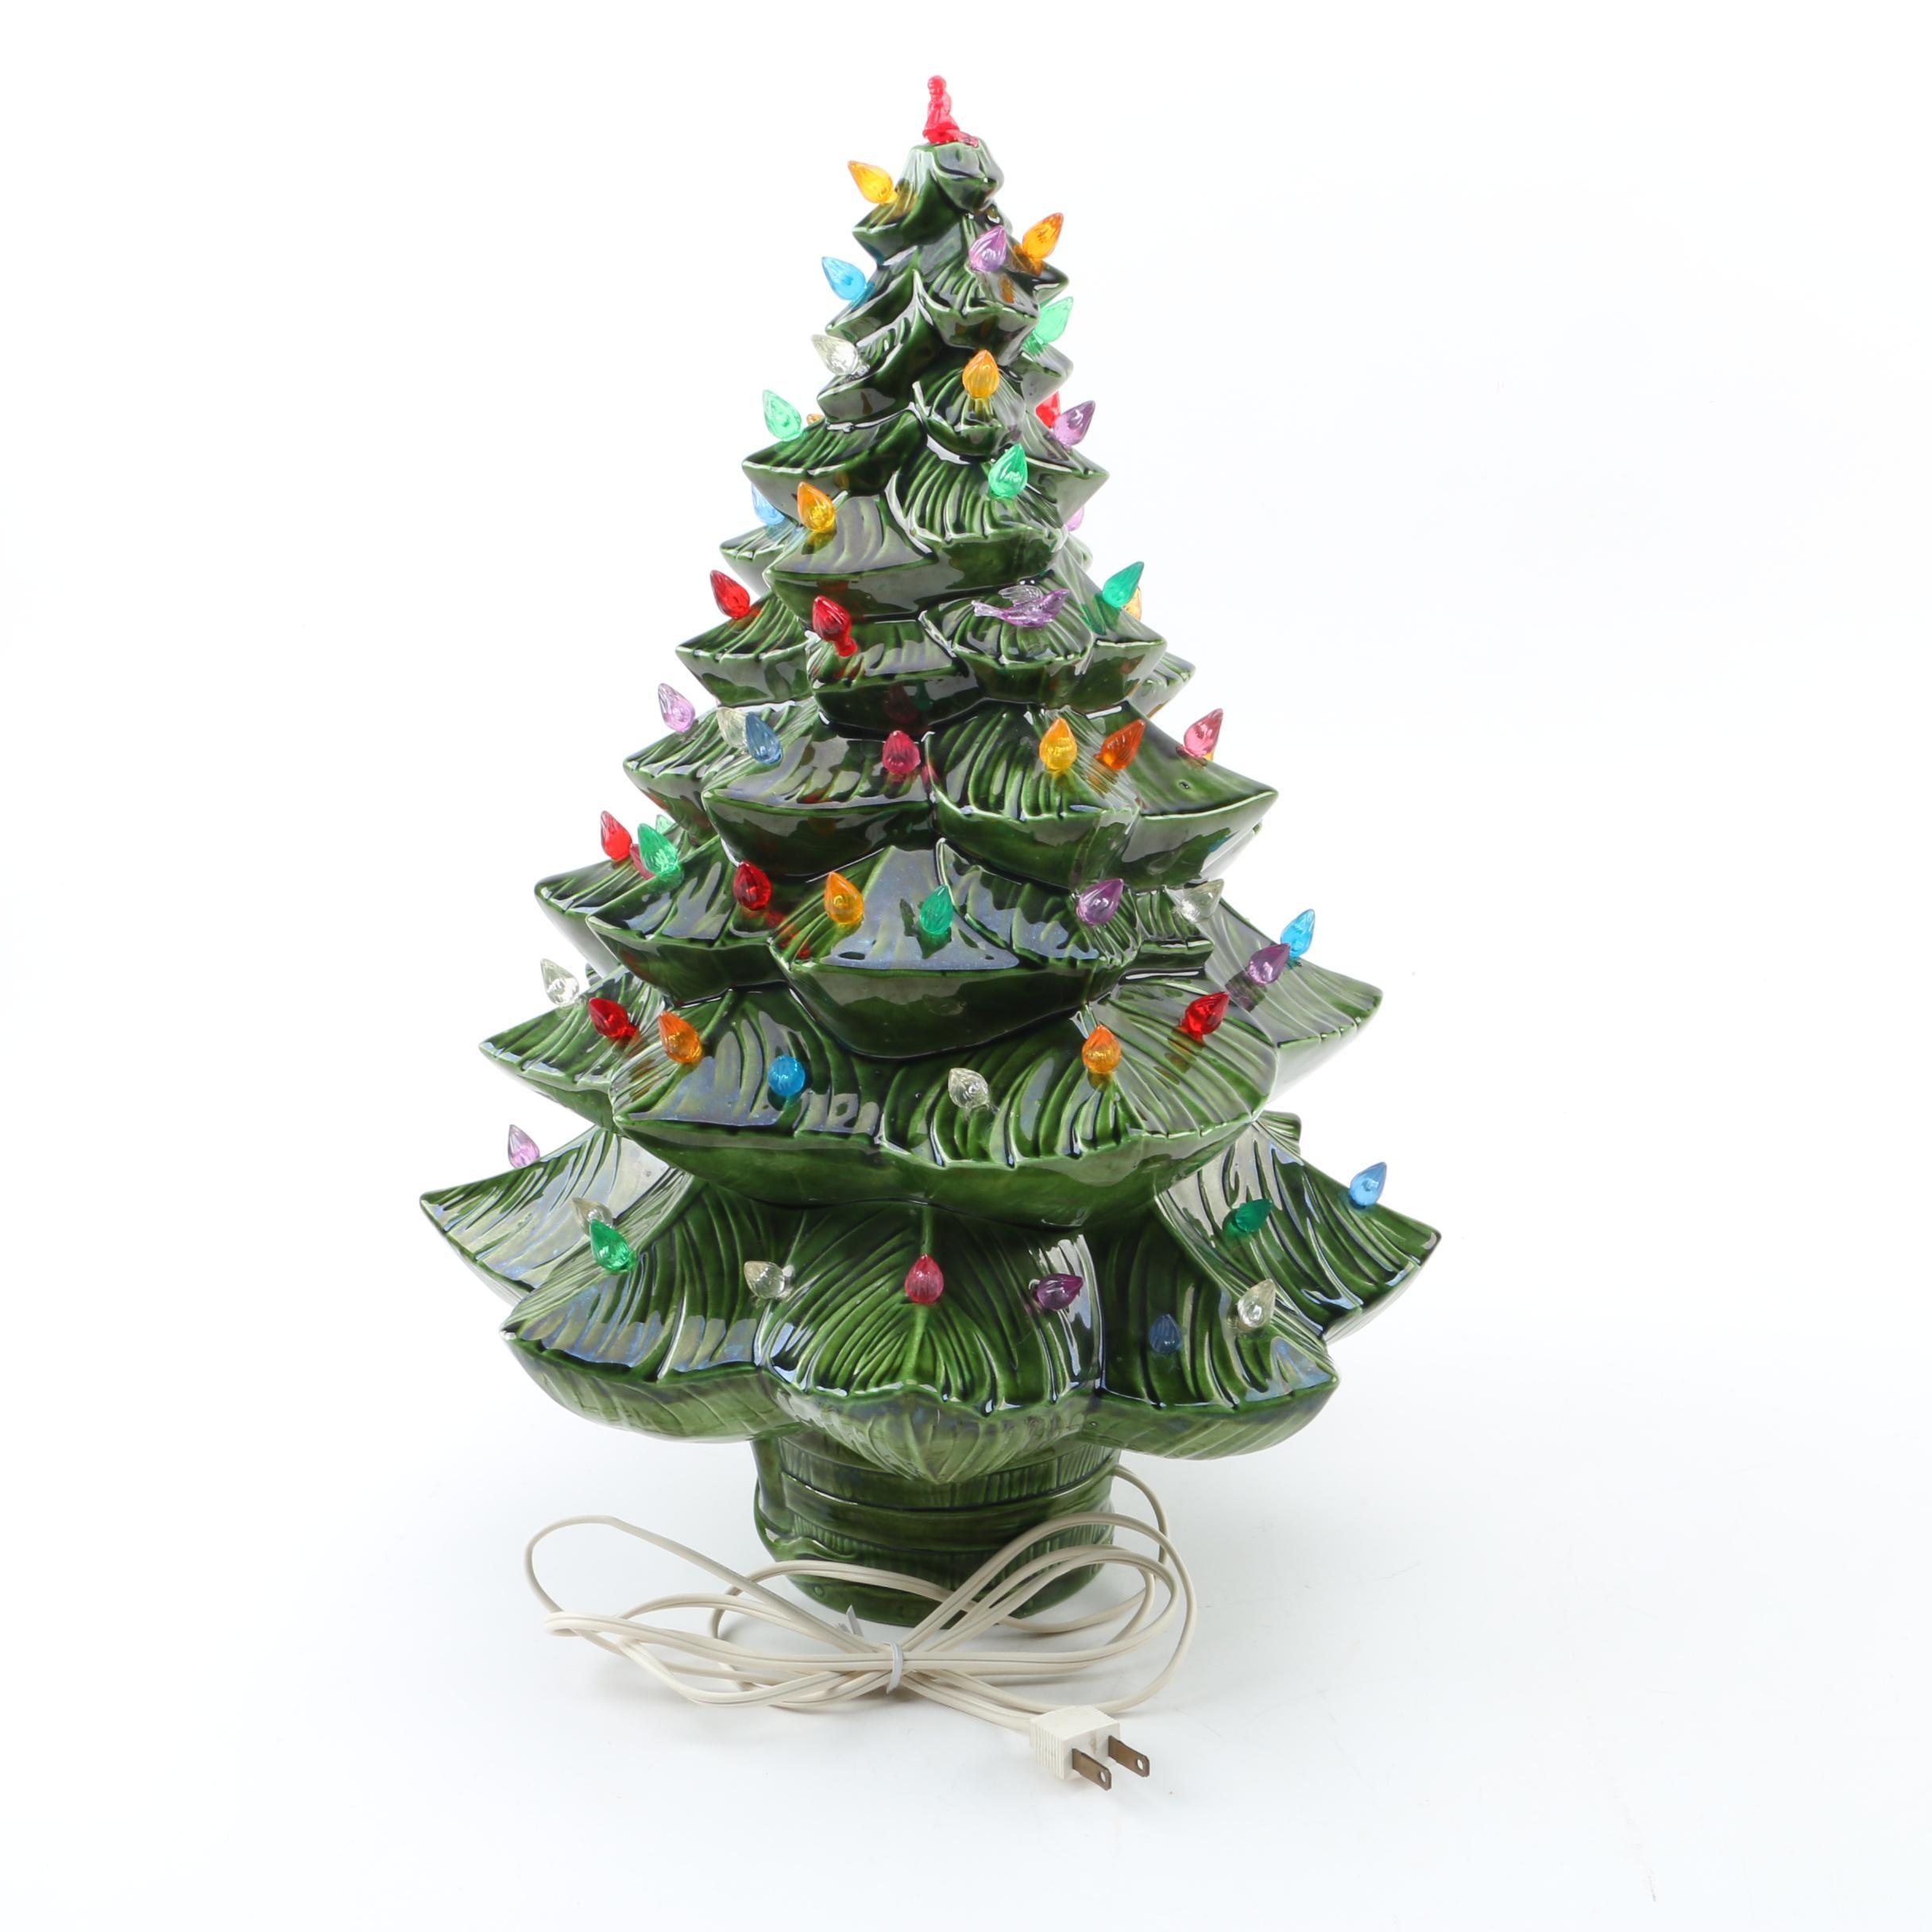 Vintage Hand-Painted Ceramic Christmas Tree Light